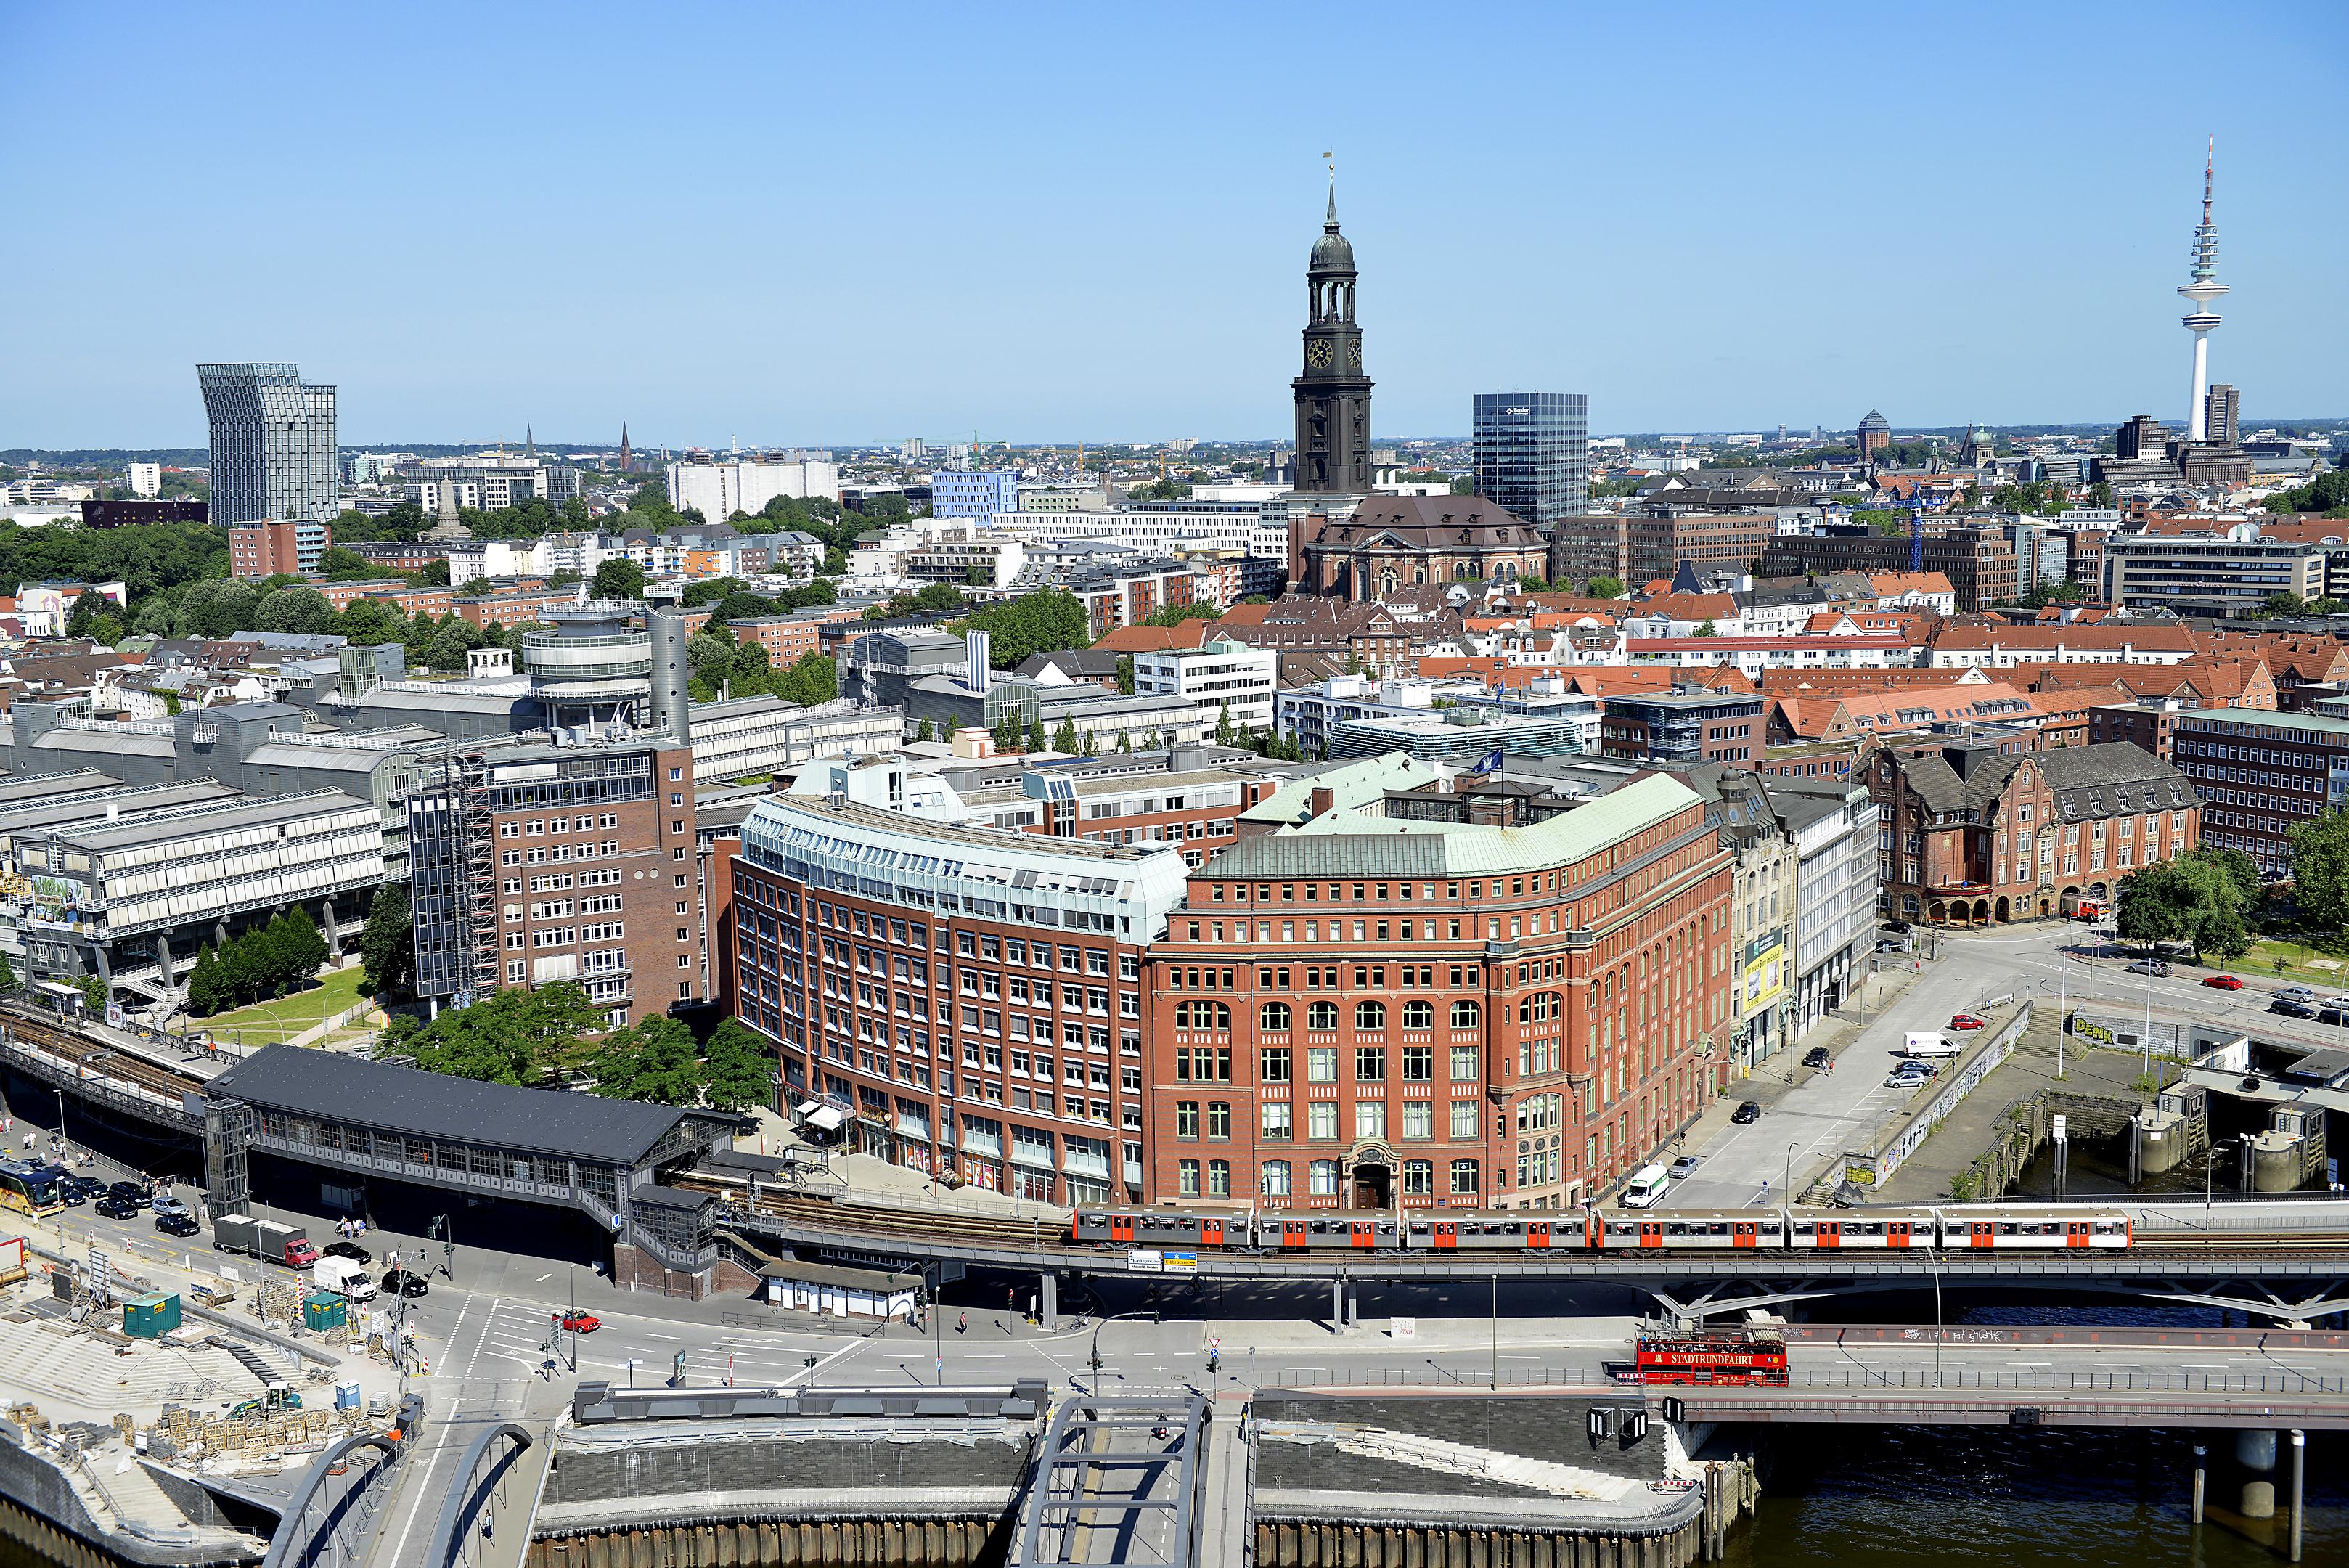 Foto: Michael B. Rehders Die Panoramaaufnahme habe ich aus der 20. Etage des Hanseatic Trade Centers geschossen. Das Bildwerk bietet viele Details, um die Leistungsfähigkeit von Projektoren zu bewerten.